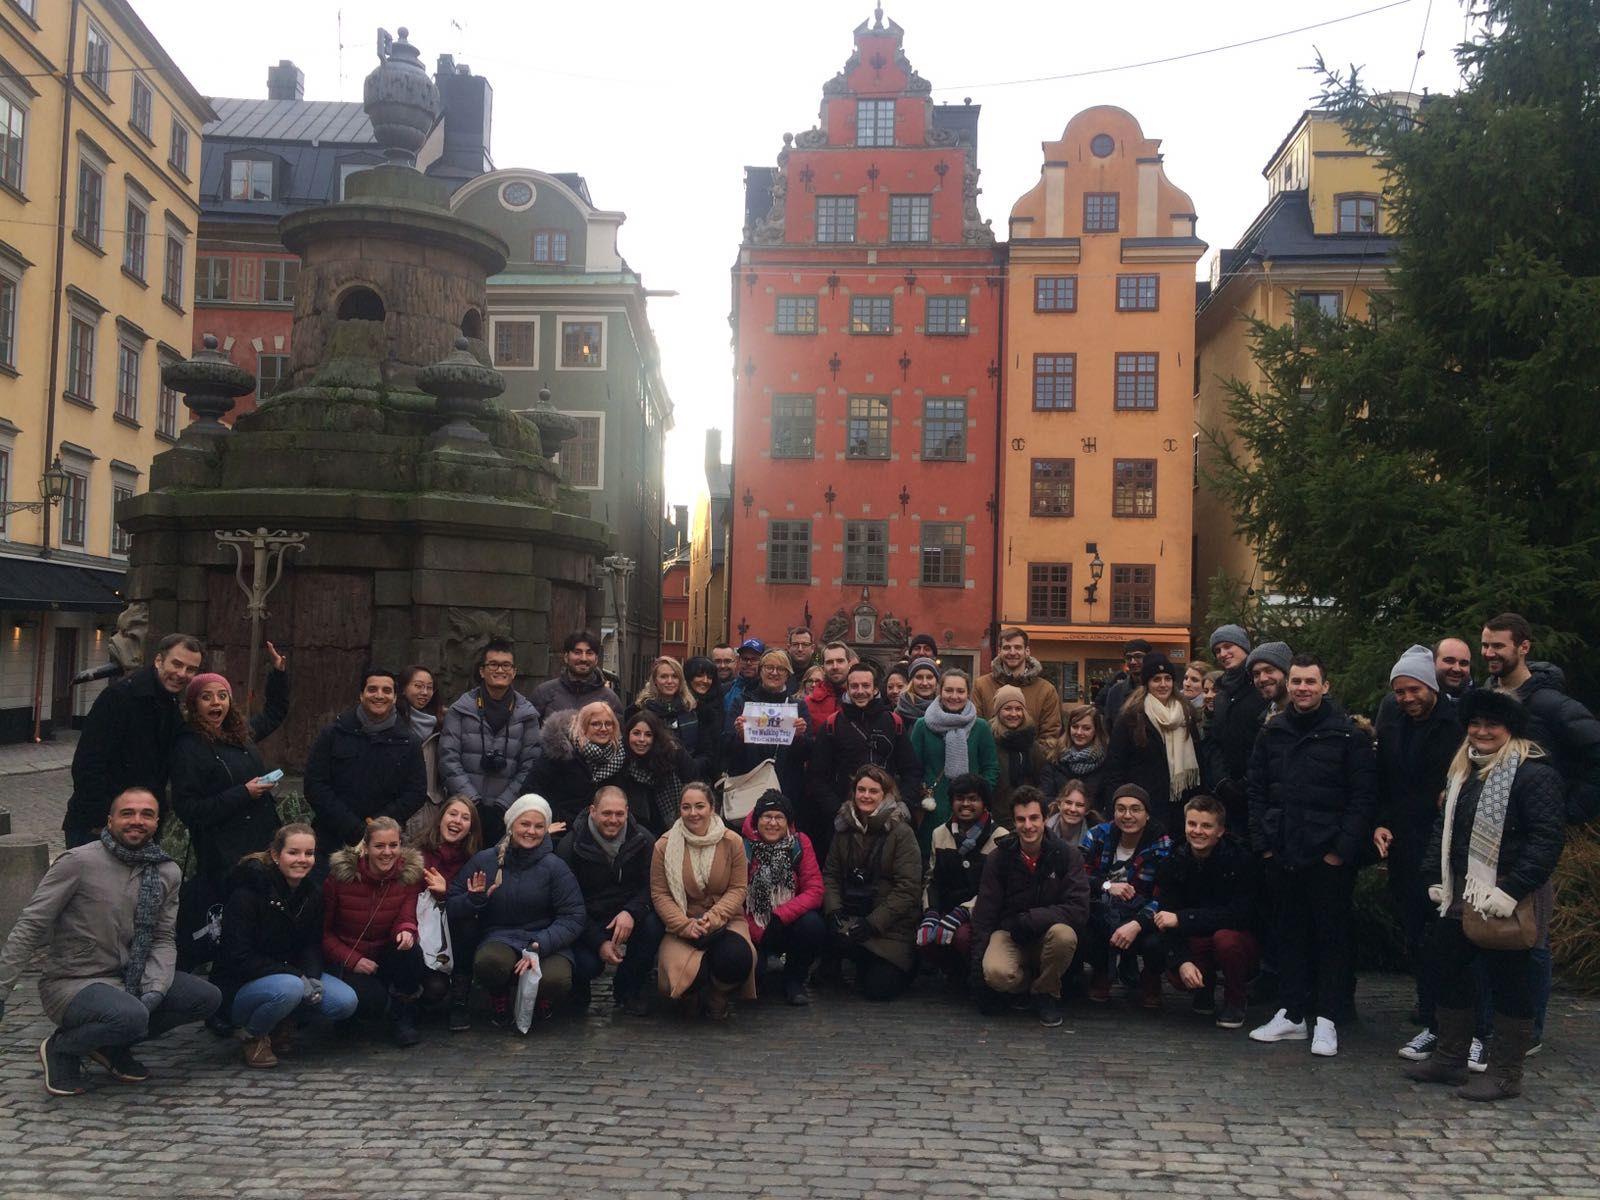 Free Walking Tours In Stockholmtour City 1000tour Old Town 13